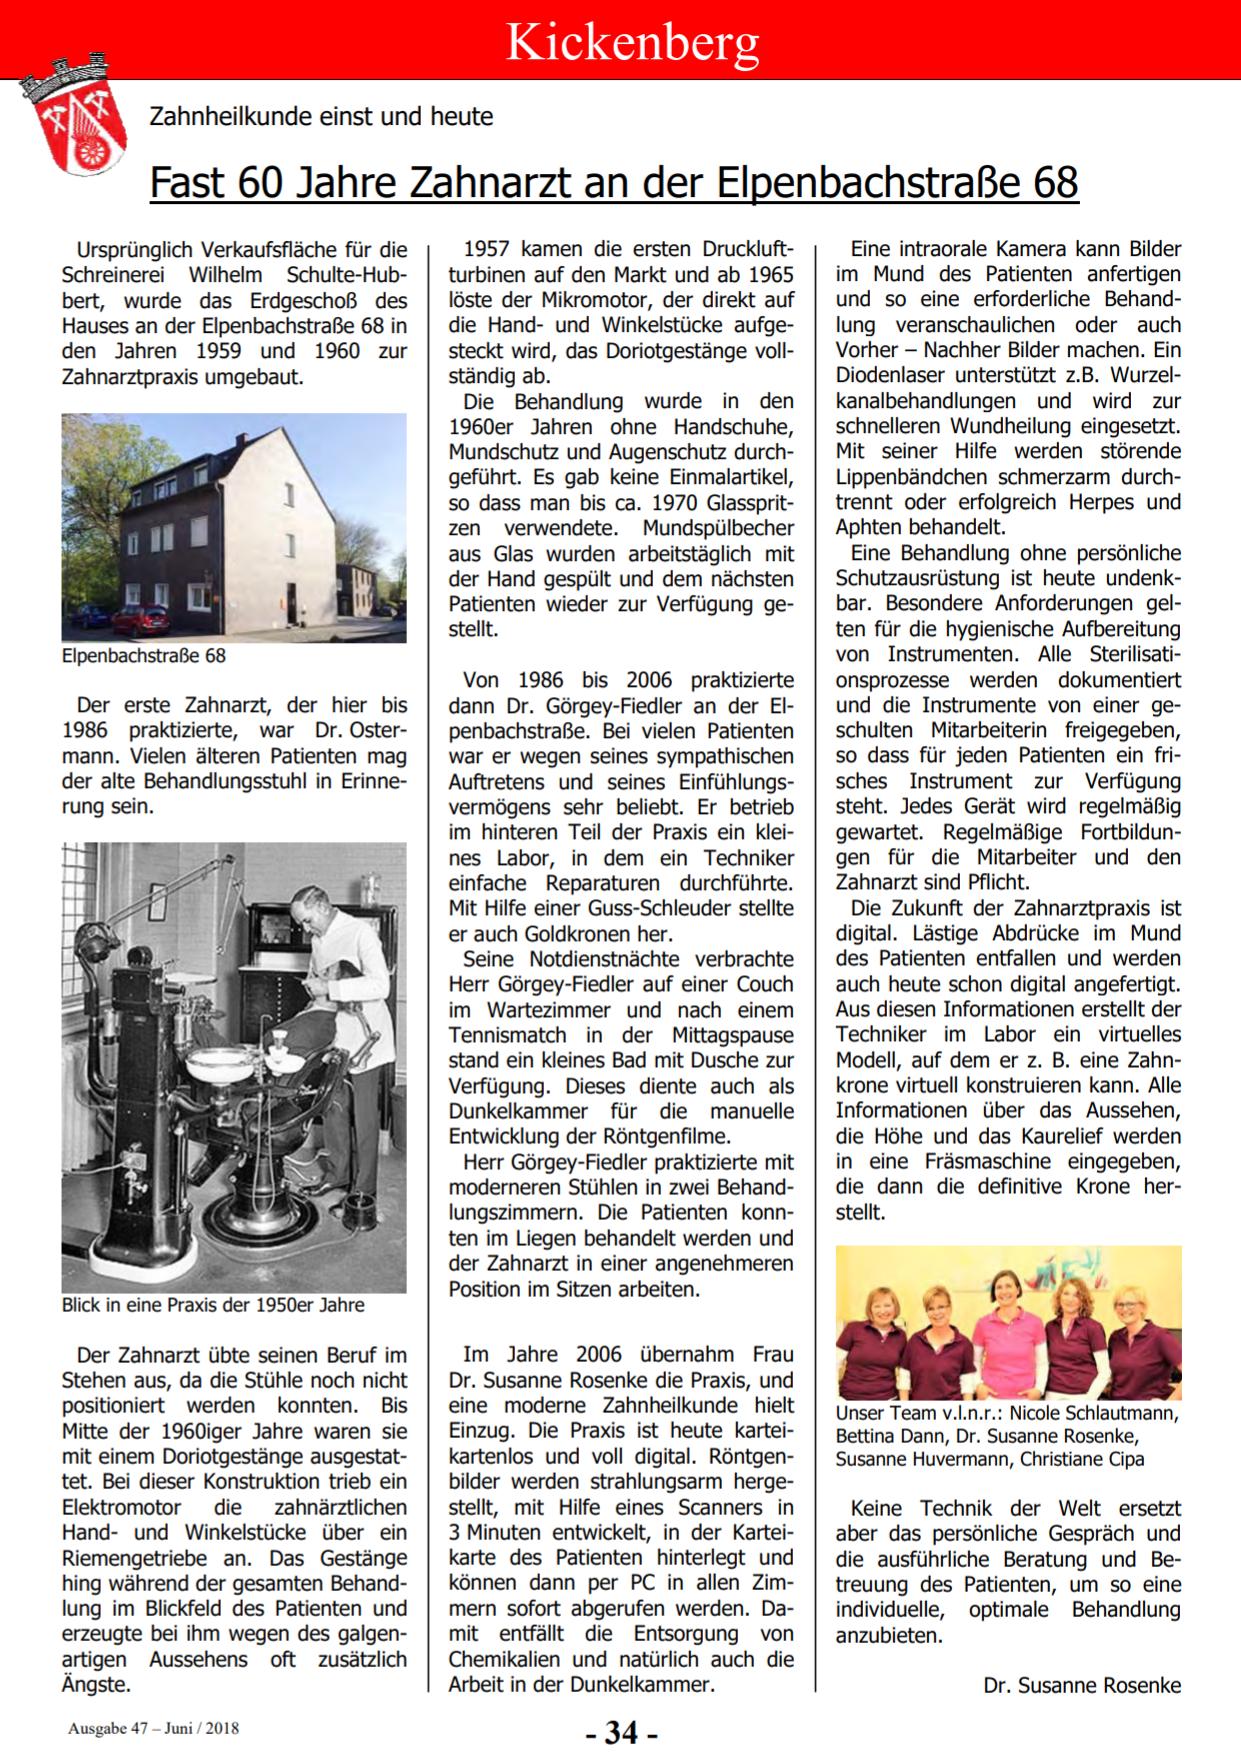 Bericht aus Kickenberg - Die Zeitschrift (Ausgabe 47)